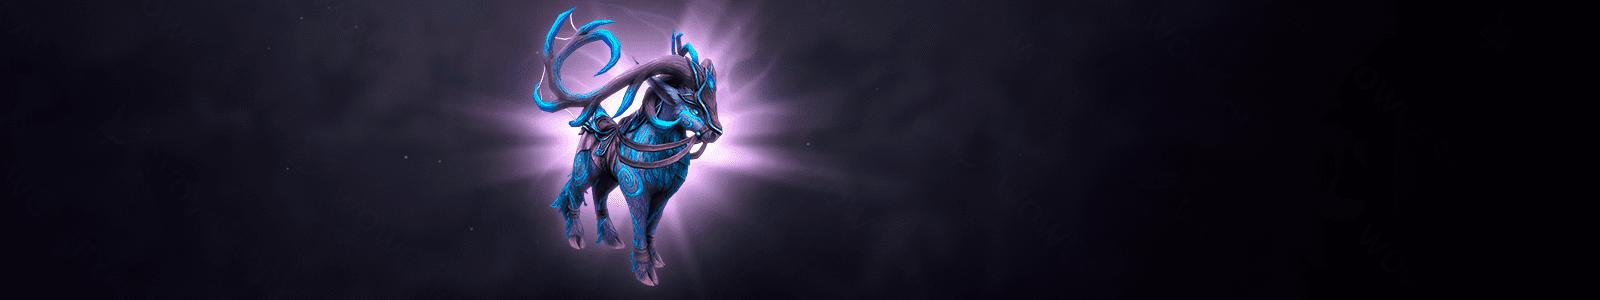 Enchanted Dreamlight Runestag